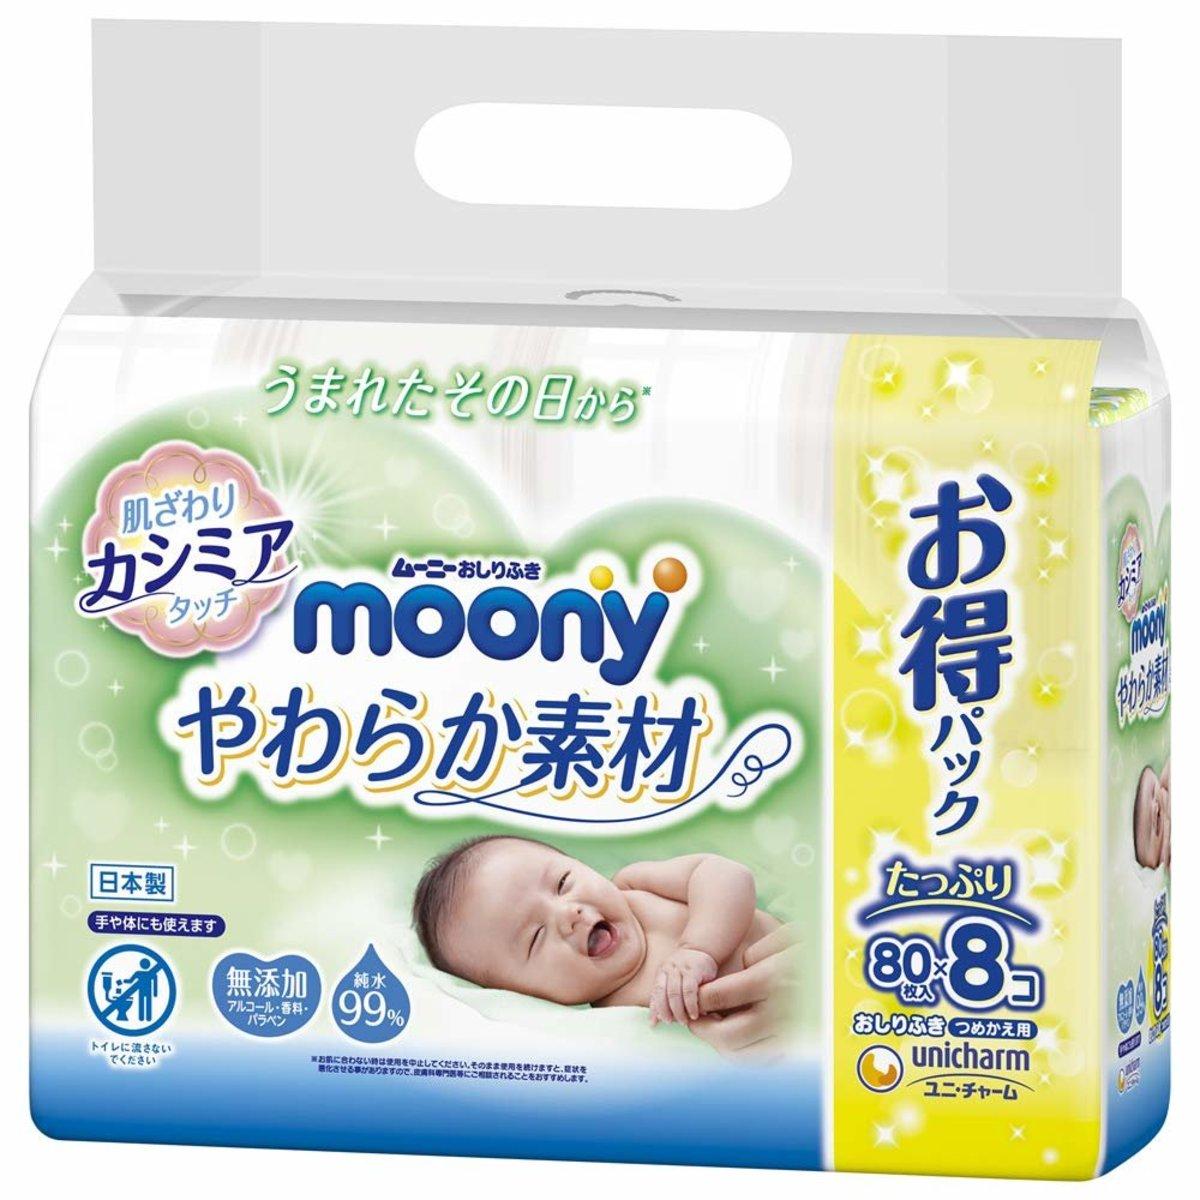 Baby Wet Tissues 80 x 8 packs